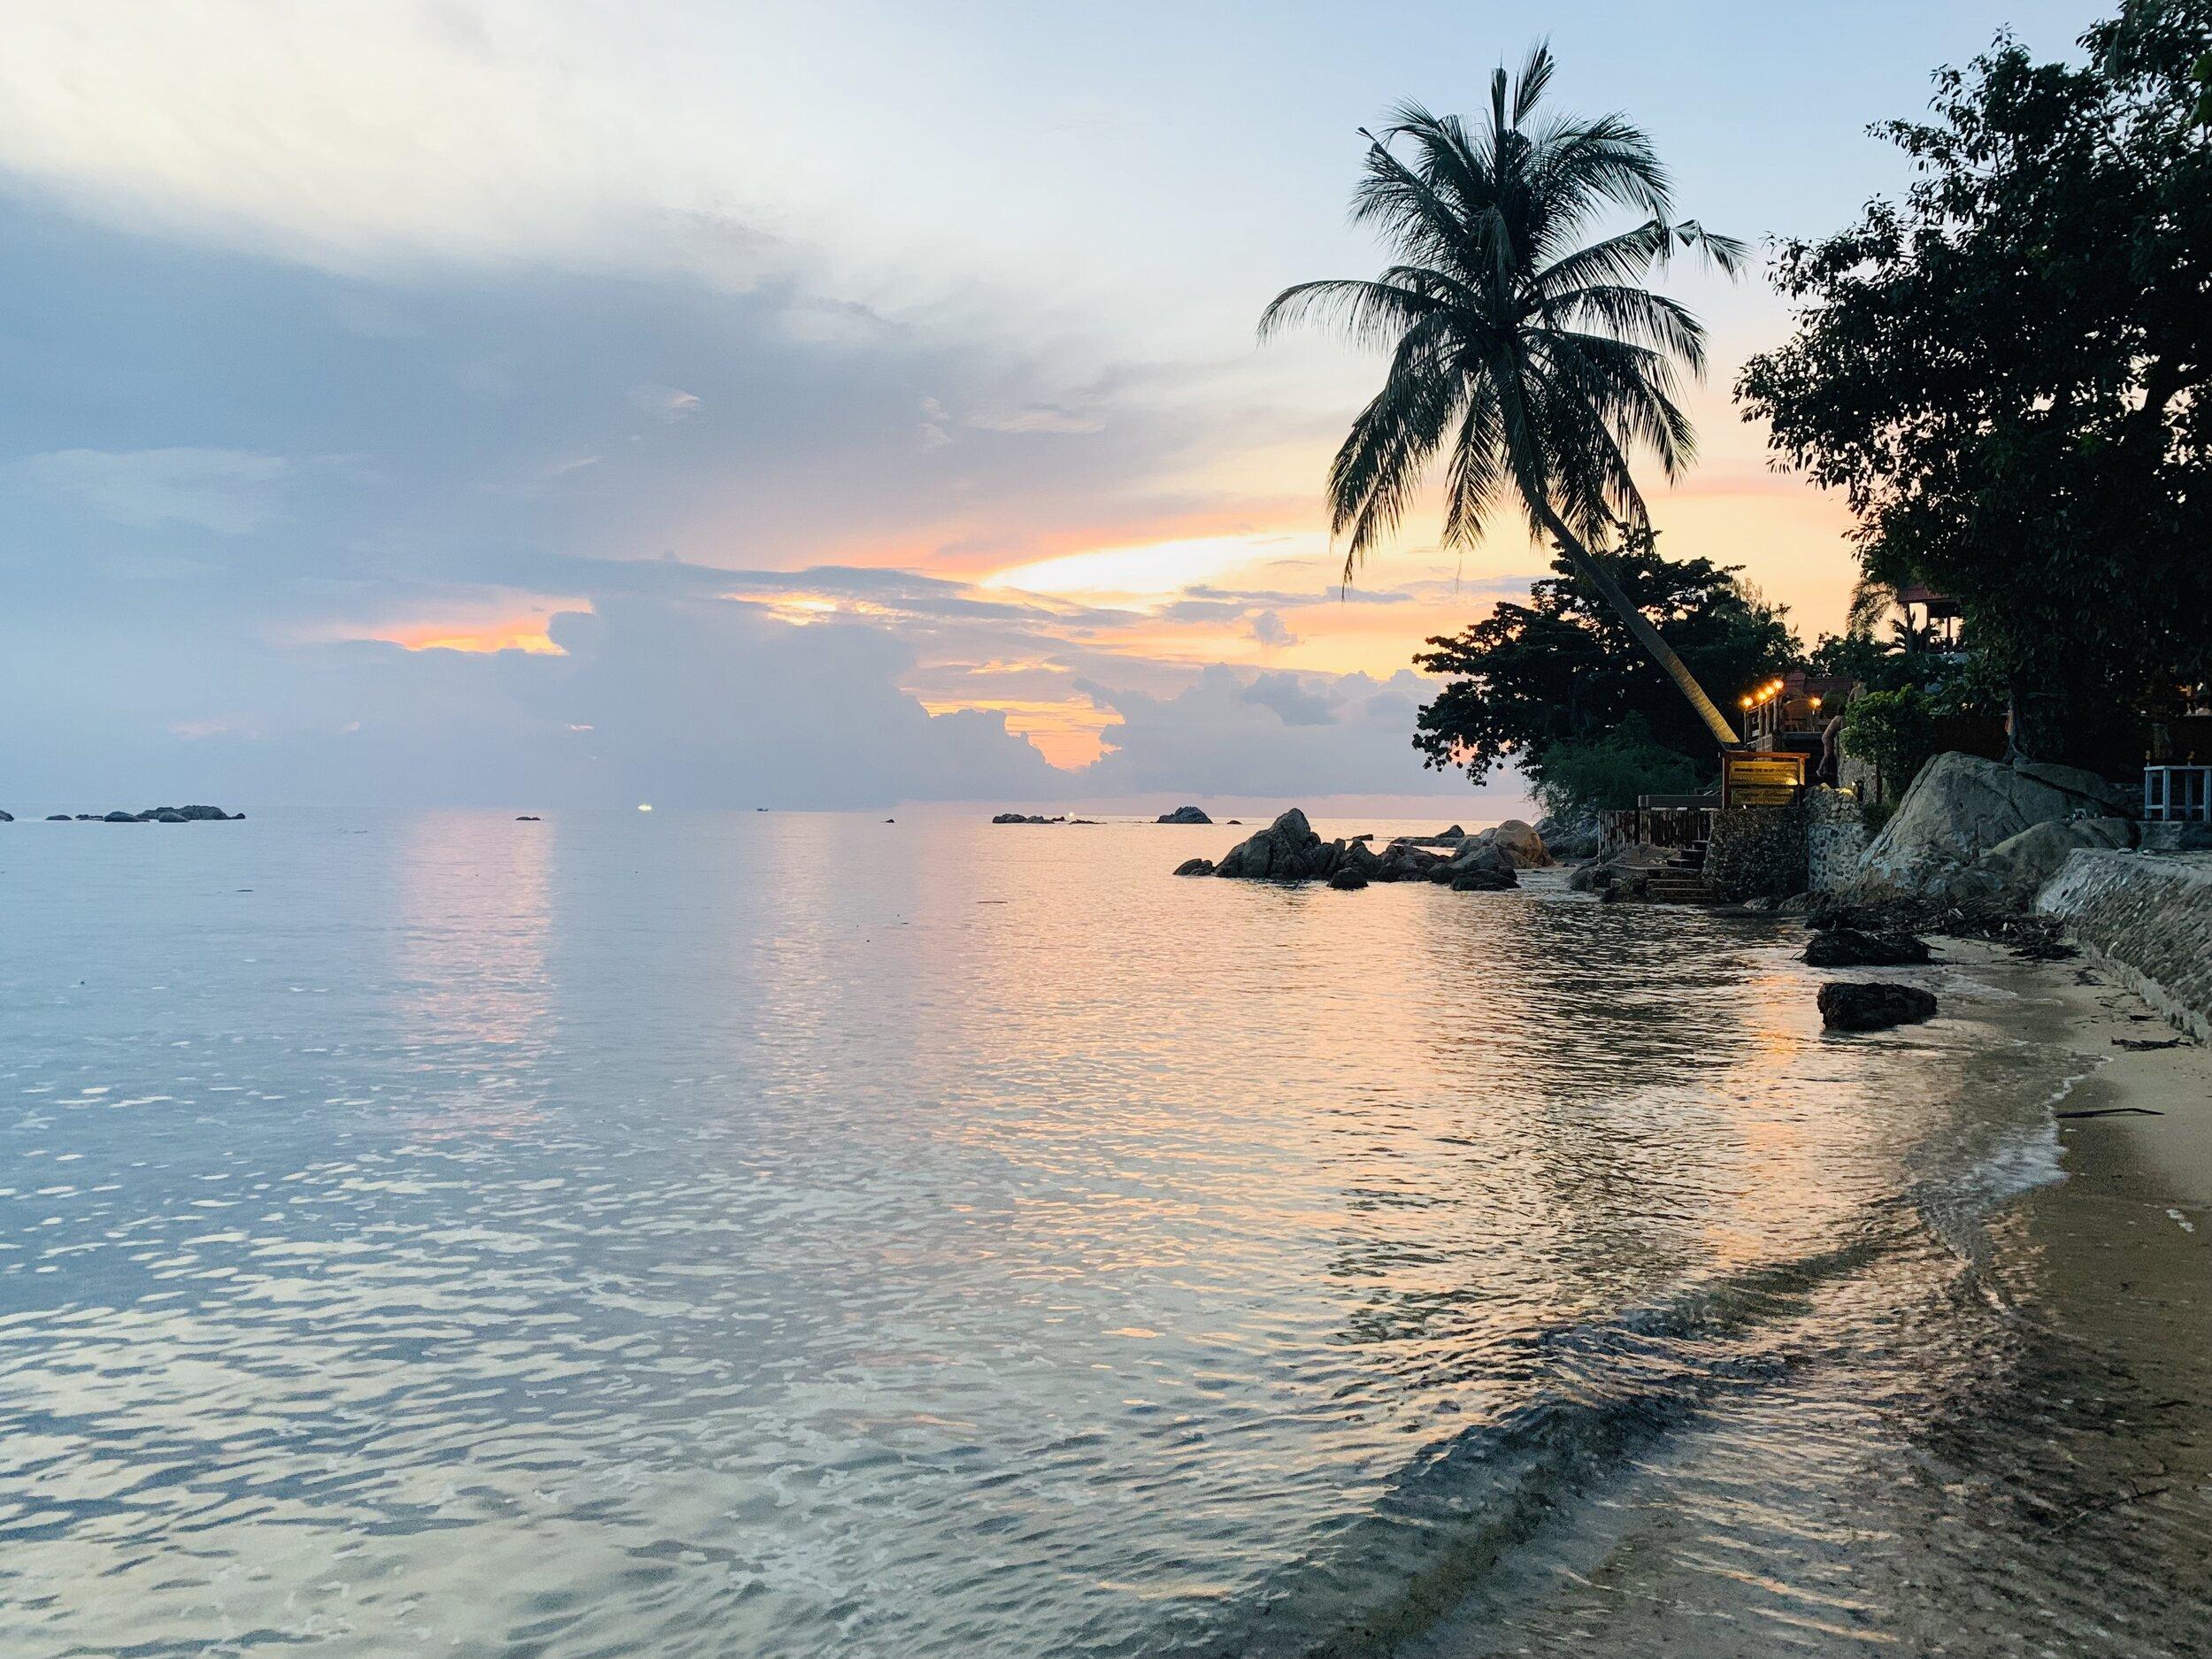 Samma Karuna at sunset